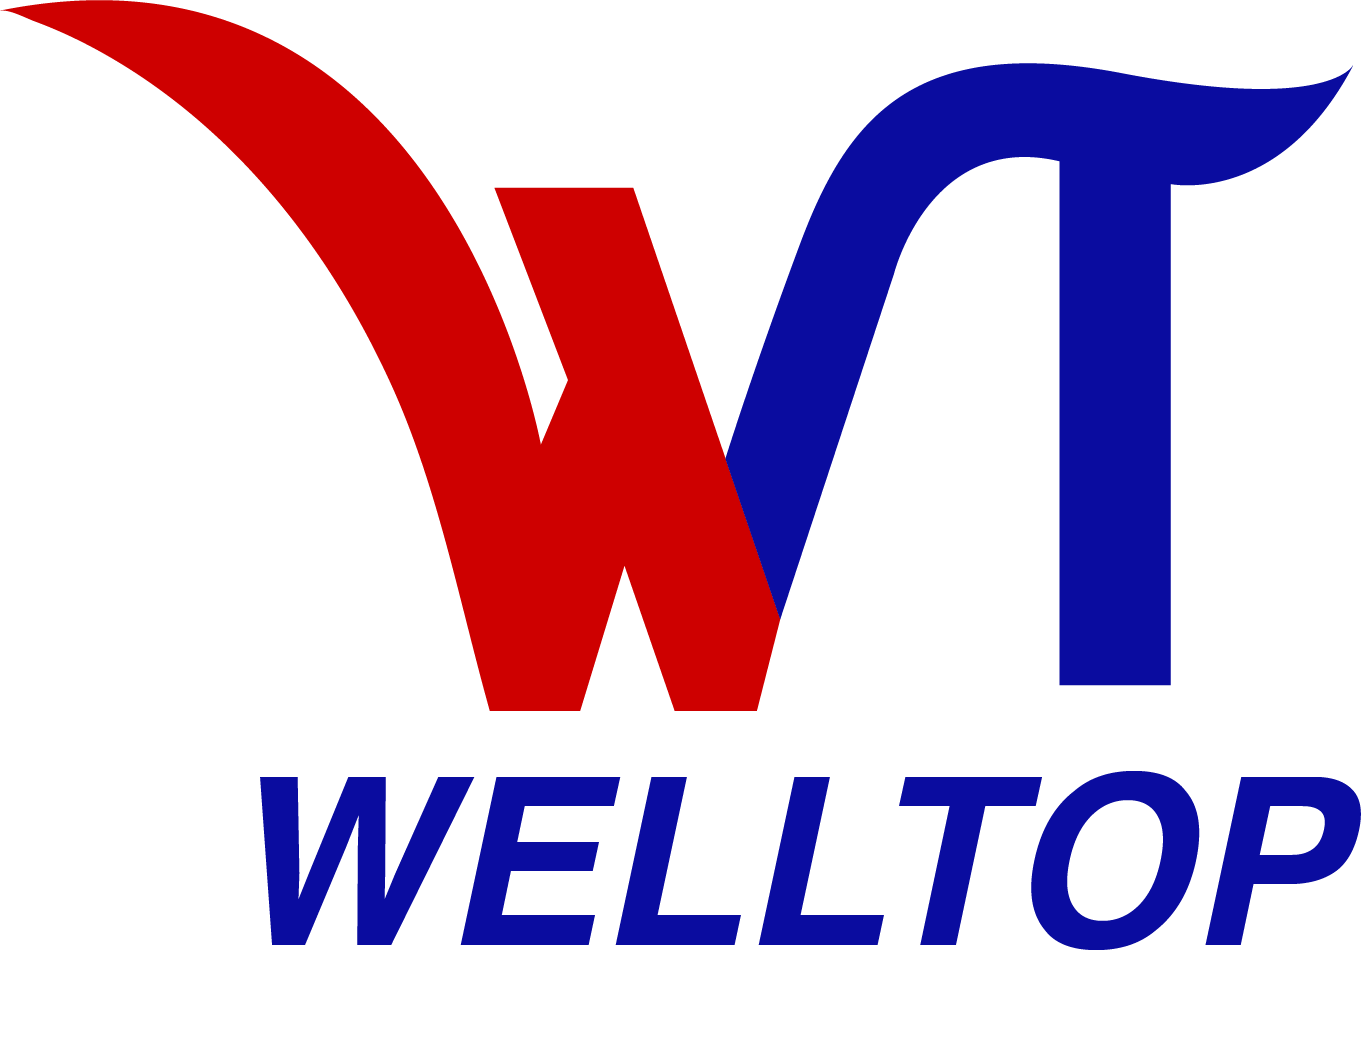 Welltop Food Ingredients Sdn. Bhd.